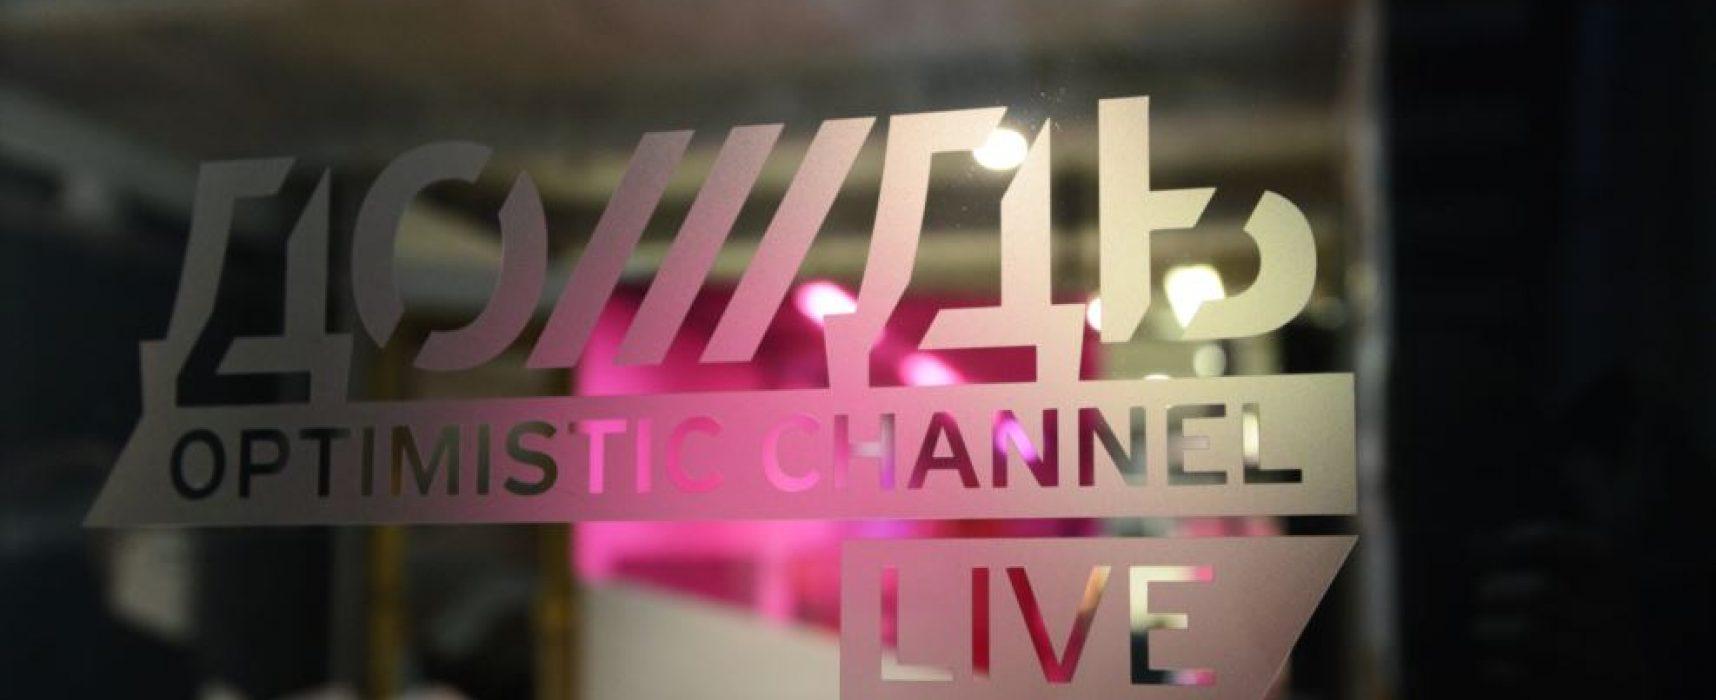 """В Украйна няма да транслират руския телевизионен канал """"Дождь"""" заради позицията им по Крим"""